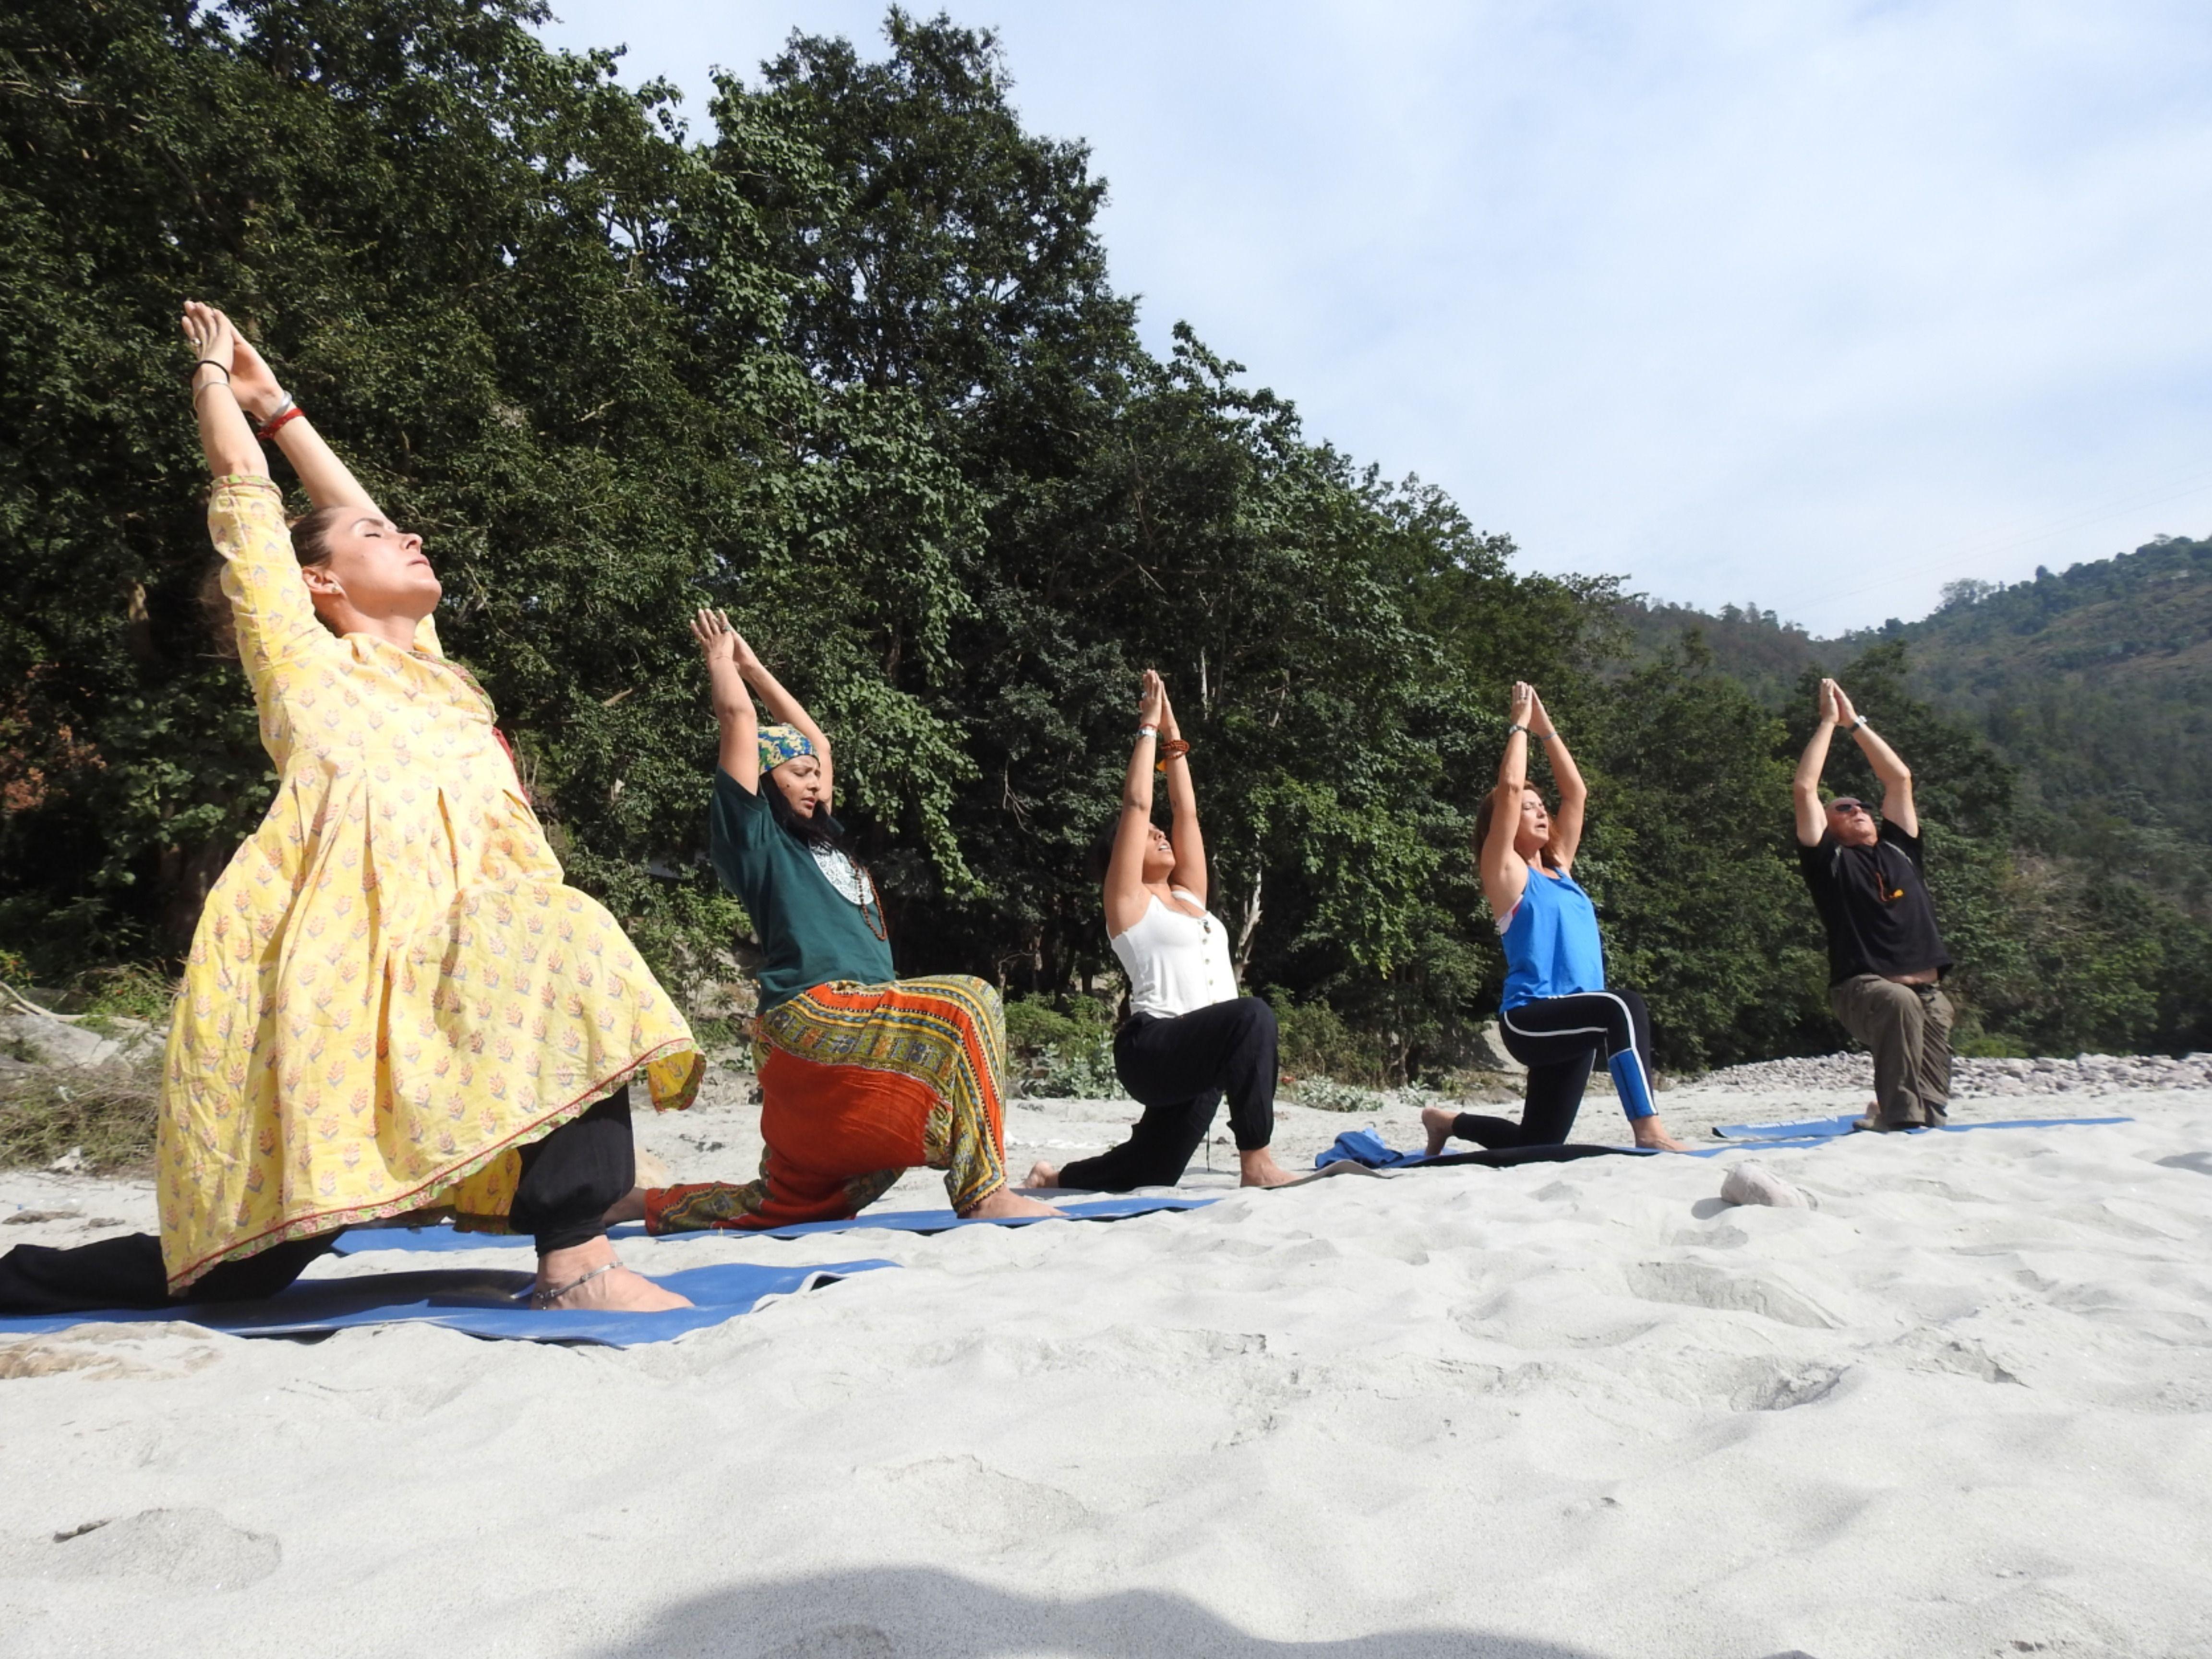 200 Hours Yoga Teacher Training Rishikesh India Yoga Teacher Training India 200 Hour Yoga Teacher Training Yoga Teacher Training Rishikesh